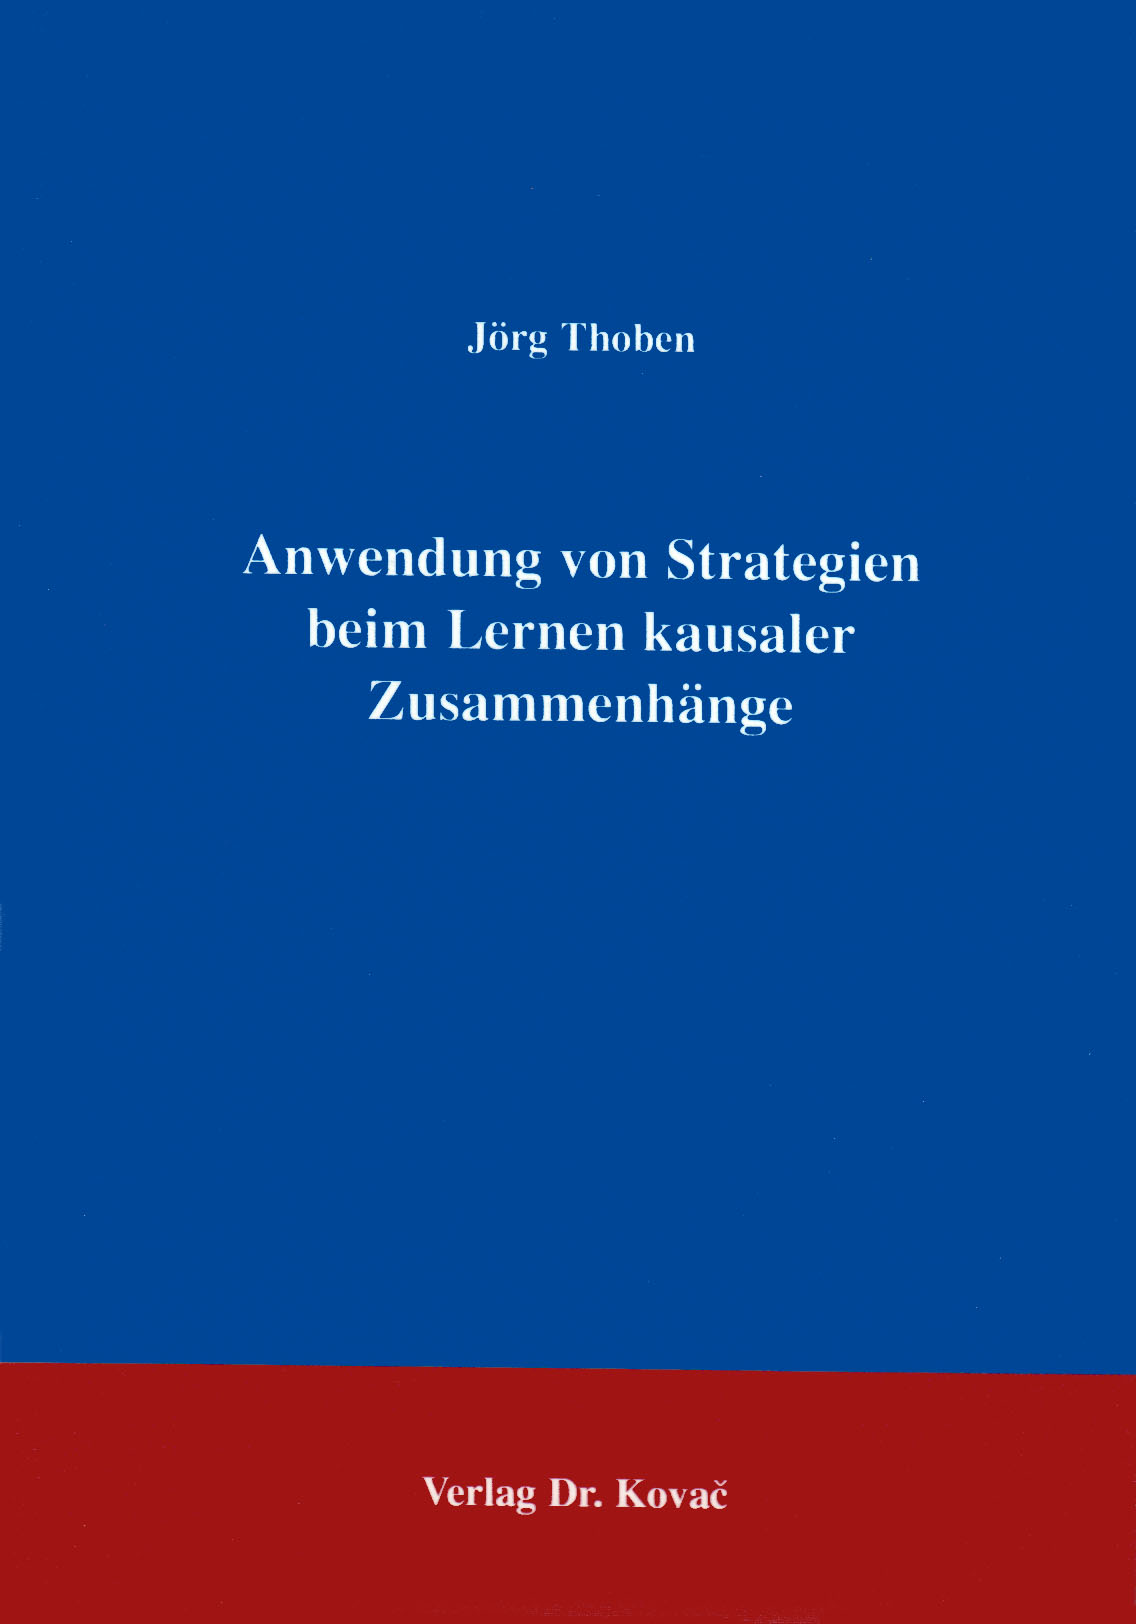 Cover: Anwendung von Strategien beim Lernen kausaler Zusammenhänge